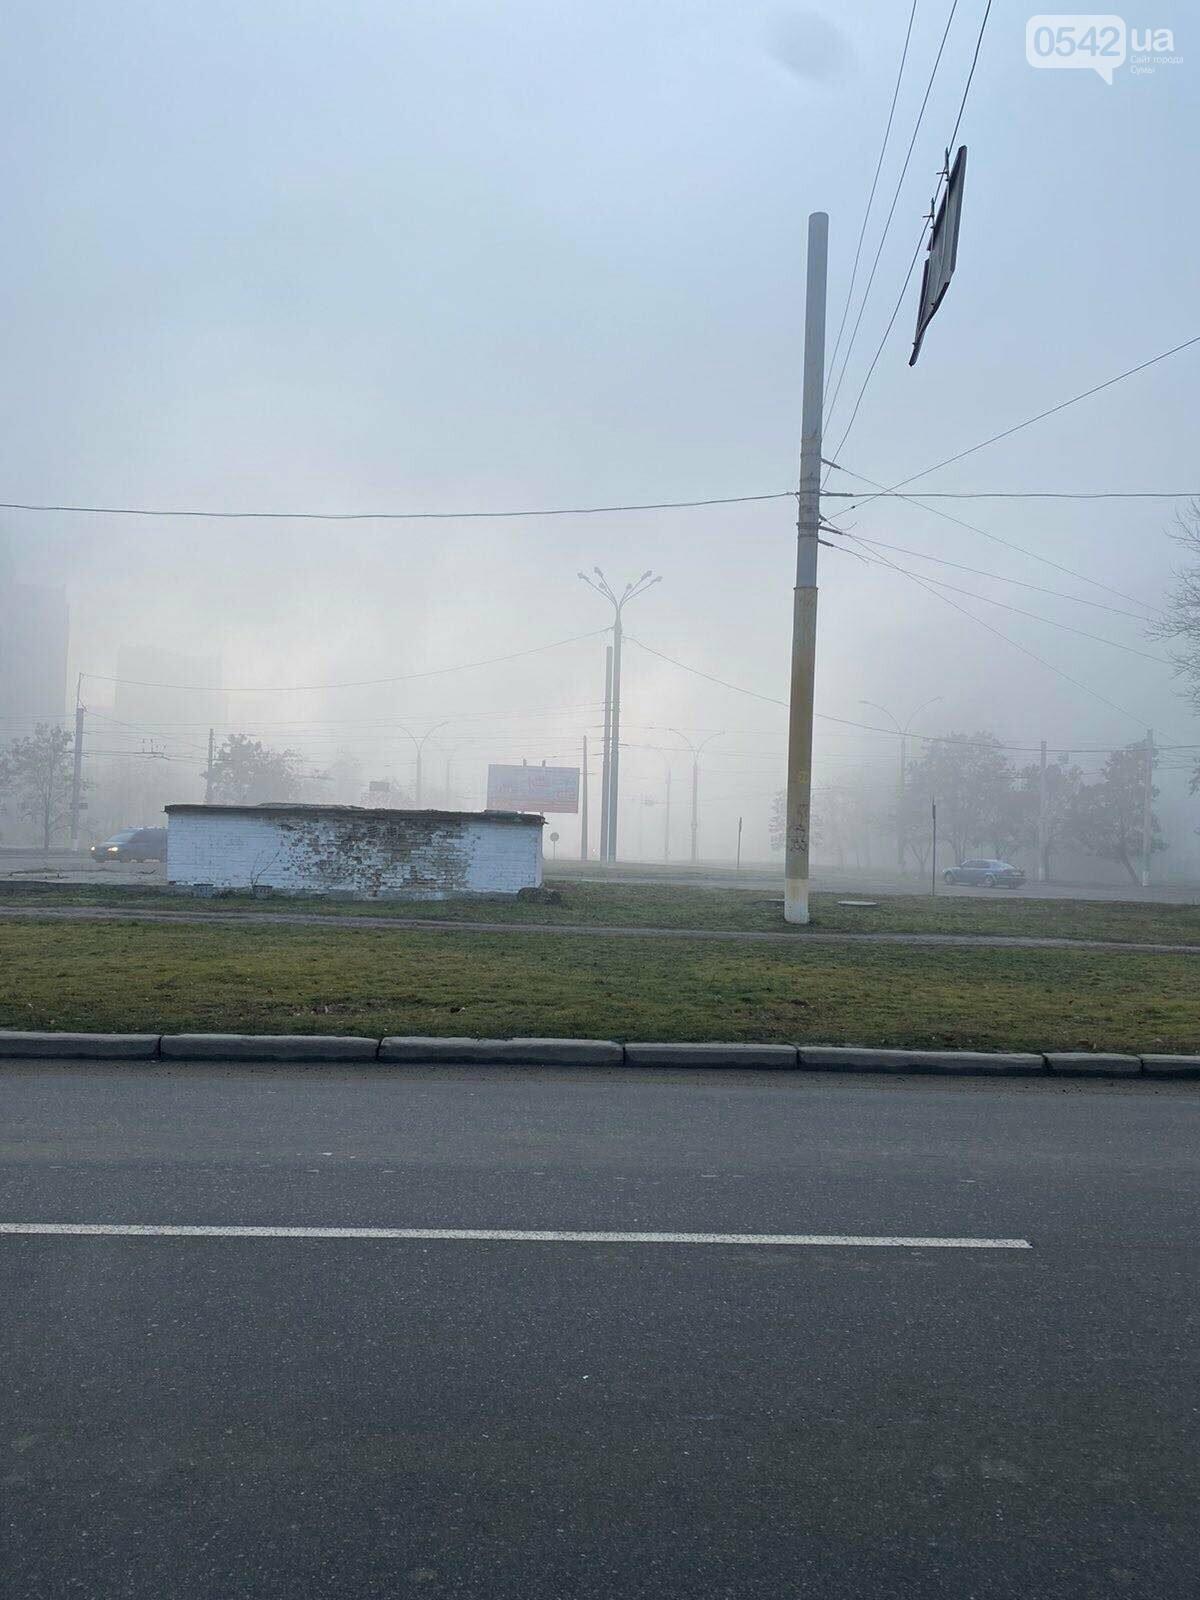 Частину Сум огорнув смердючий туман, фото-1